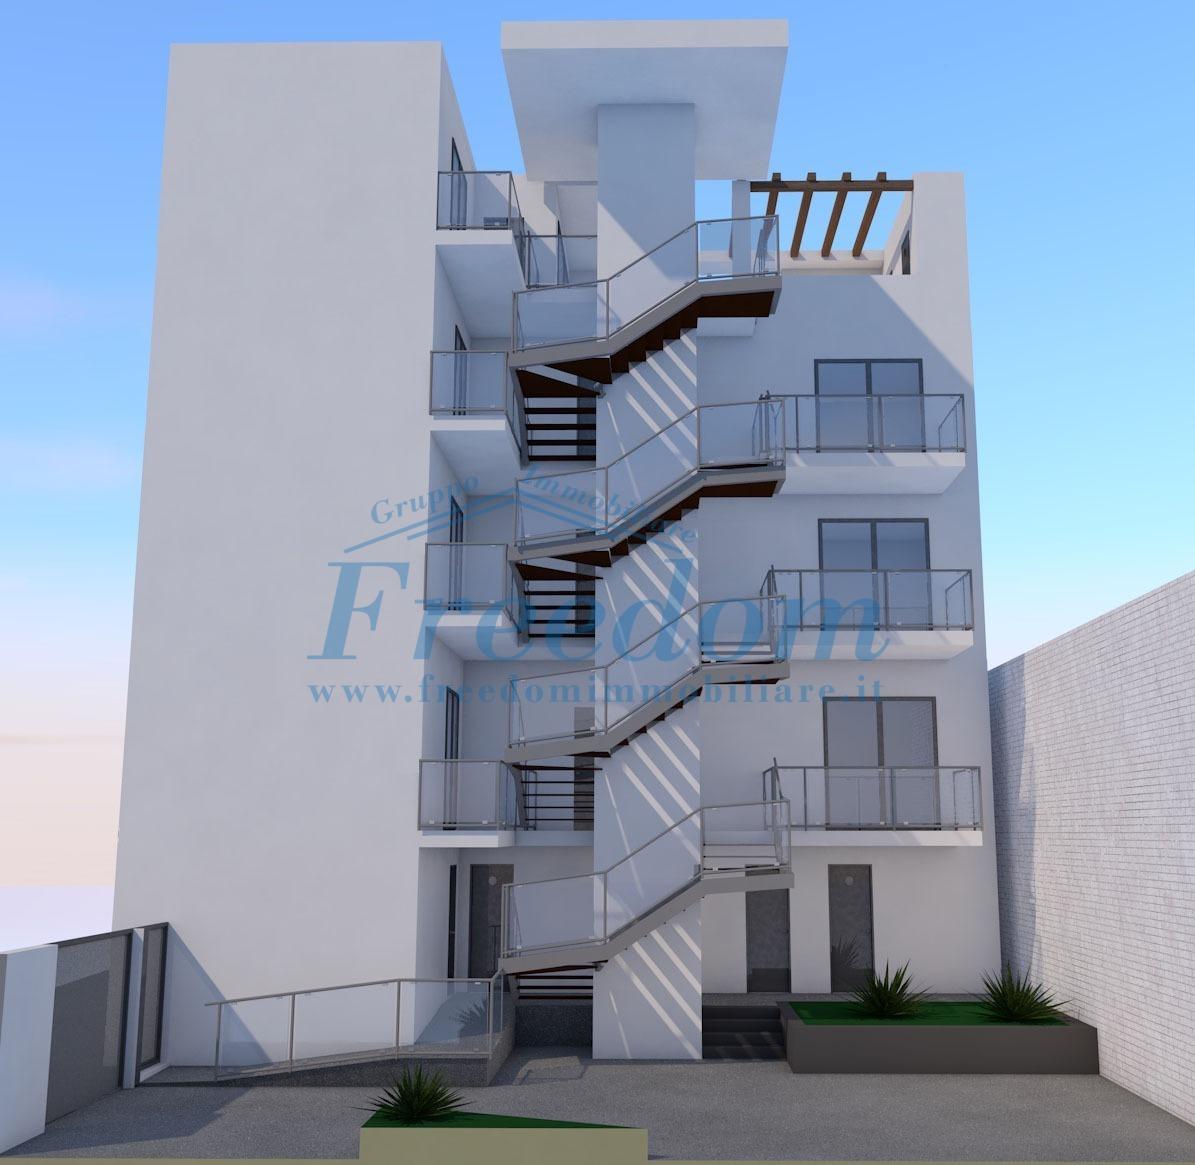 Appartamento in vendita a Catania (CT)